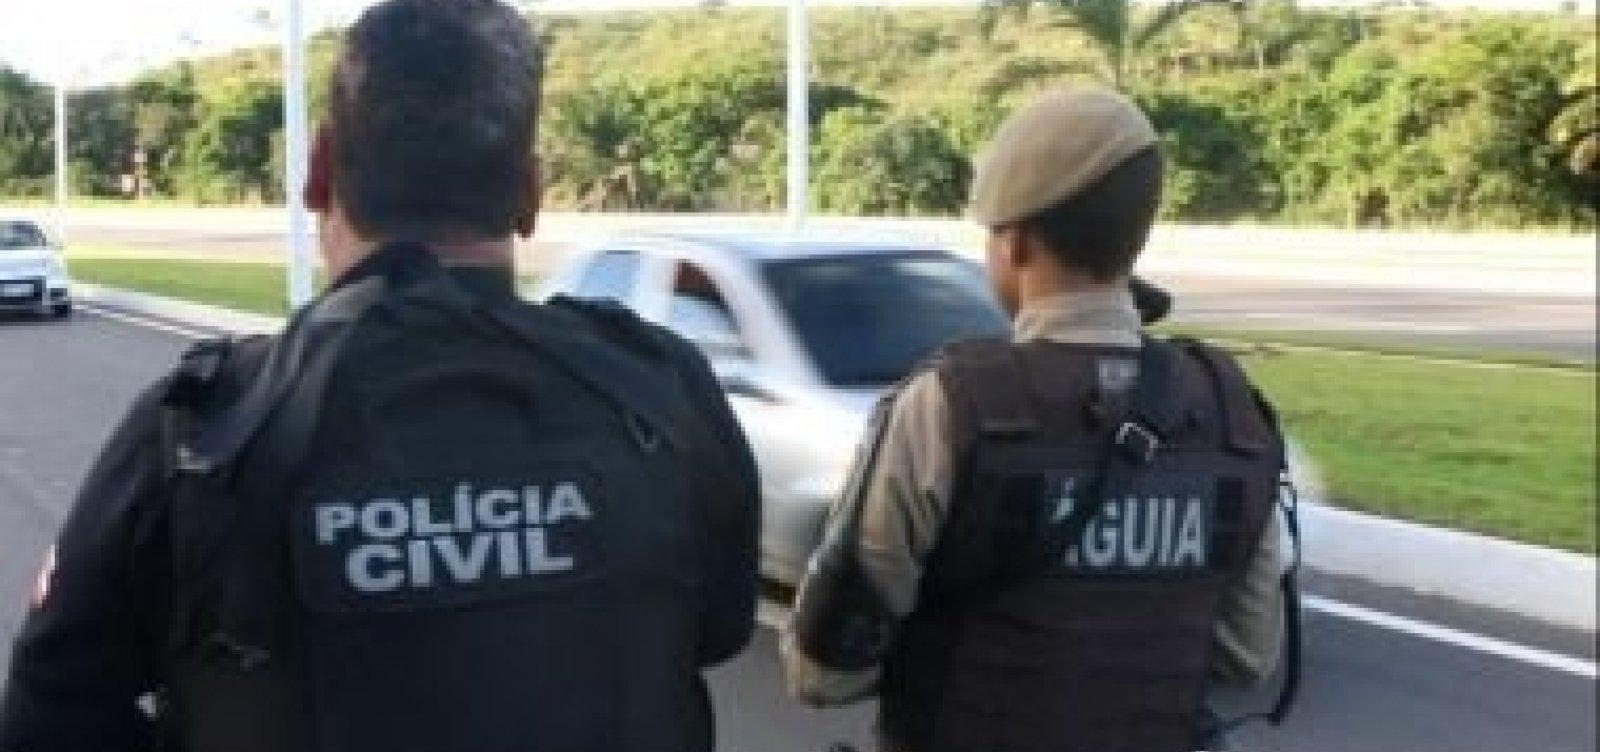 [Recôncavo baiano tem redução de 19,3% nos crimes contra a vida, diz SSP]